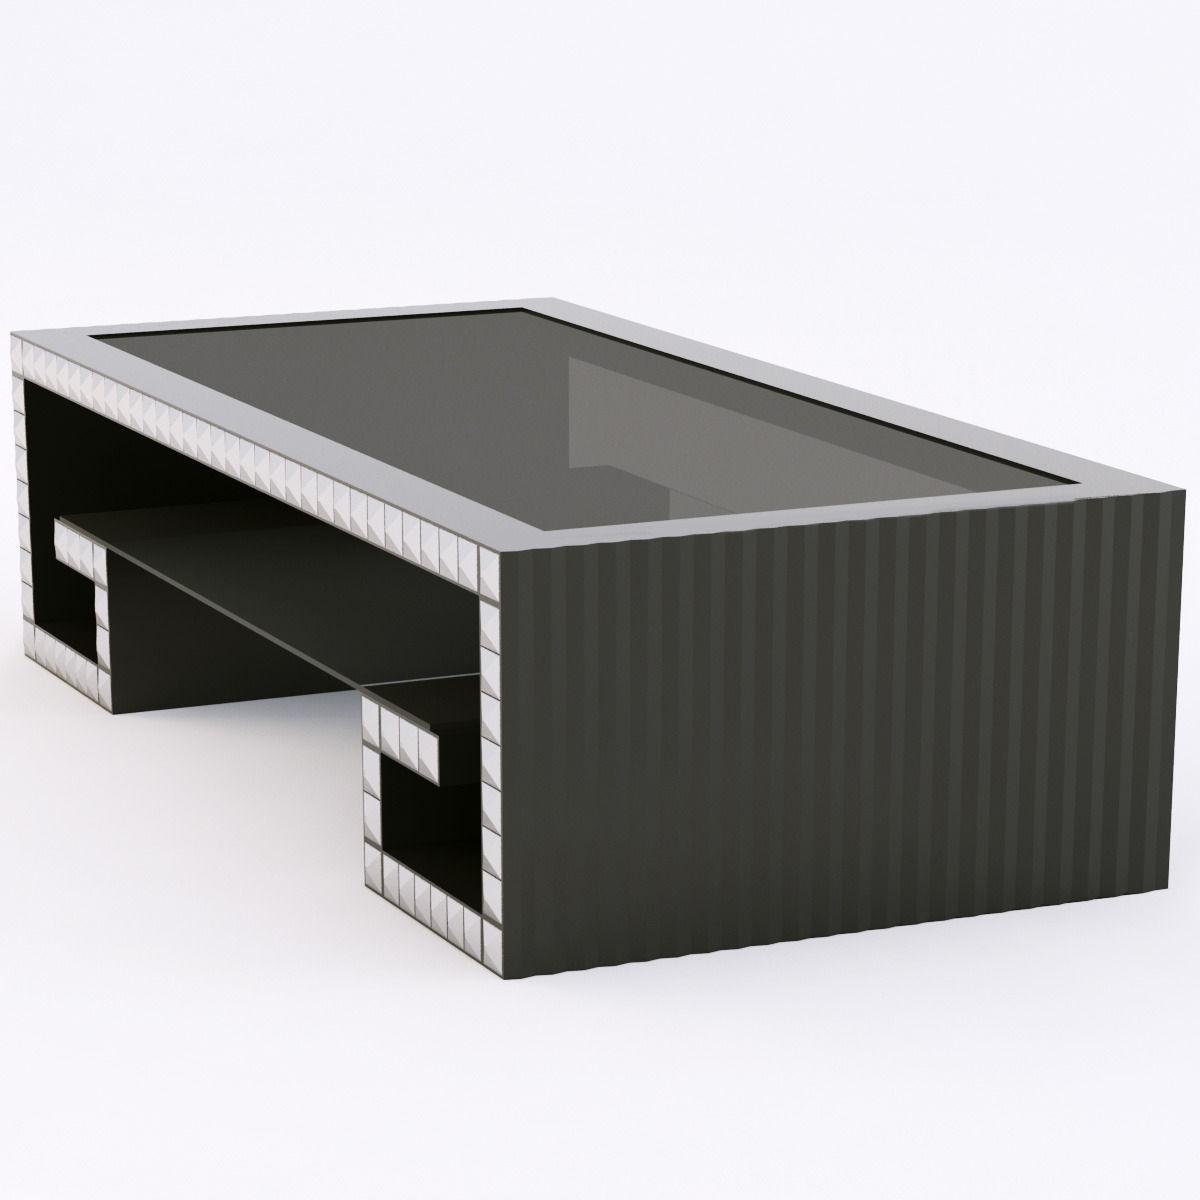 francesco molon t502 coctaile table coffre 3d model max obj 3ds fbx. Black Bedroom Furniture Sets. Home Design Ideas